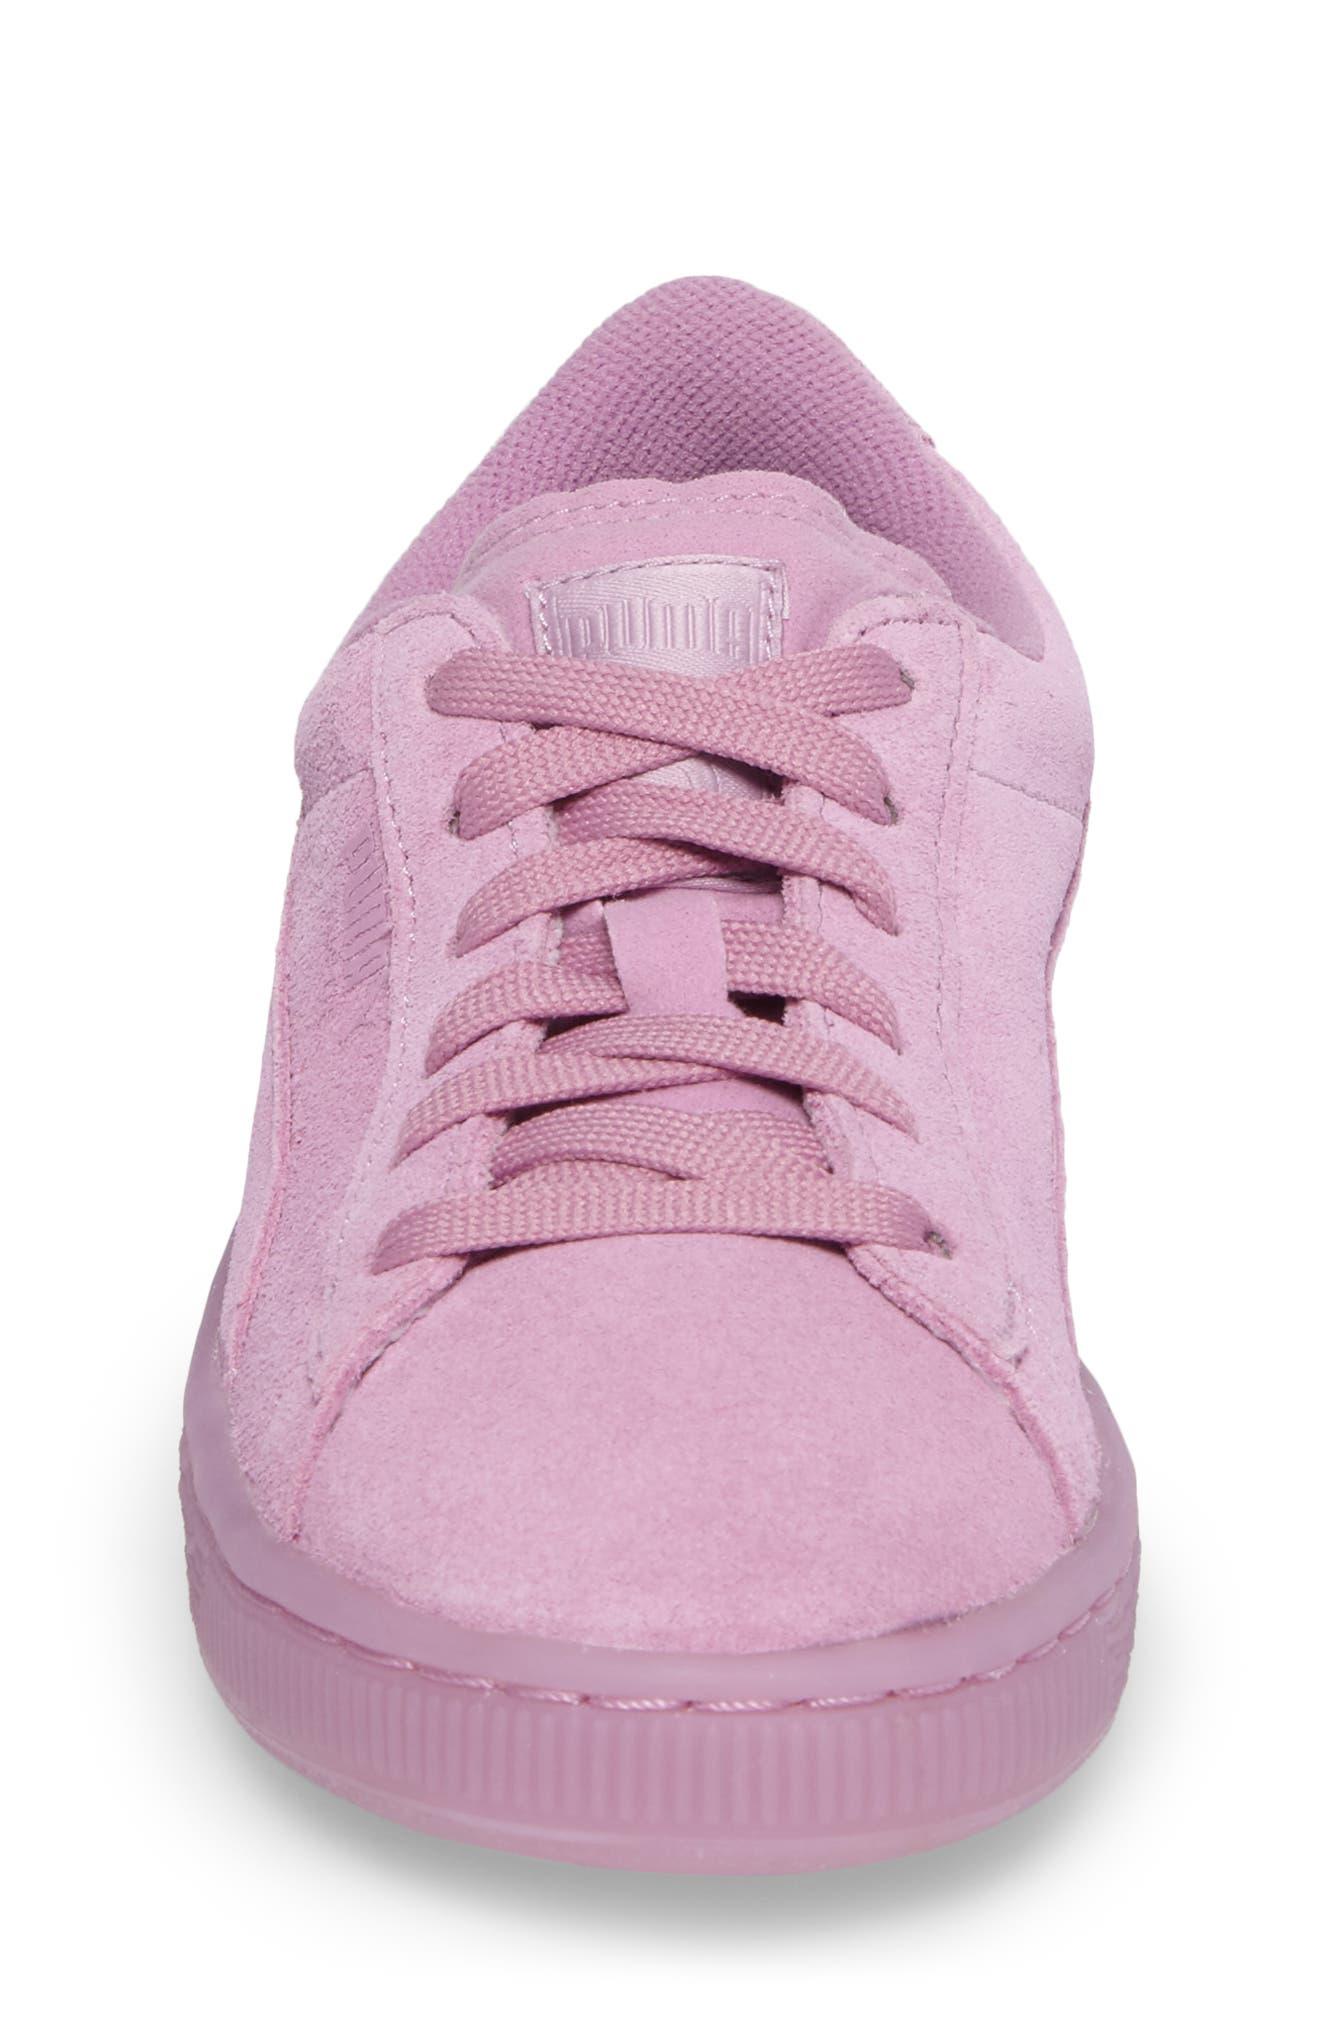 Iced Sneaker,                             Alternate thumbnail 4, color,                             500